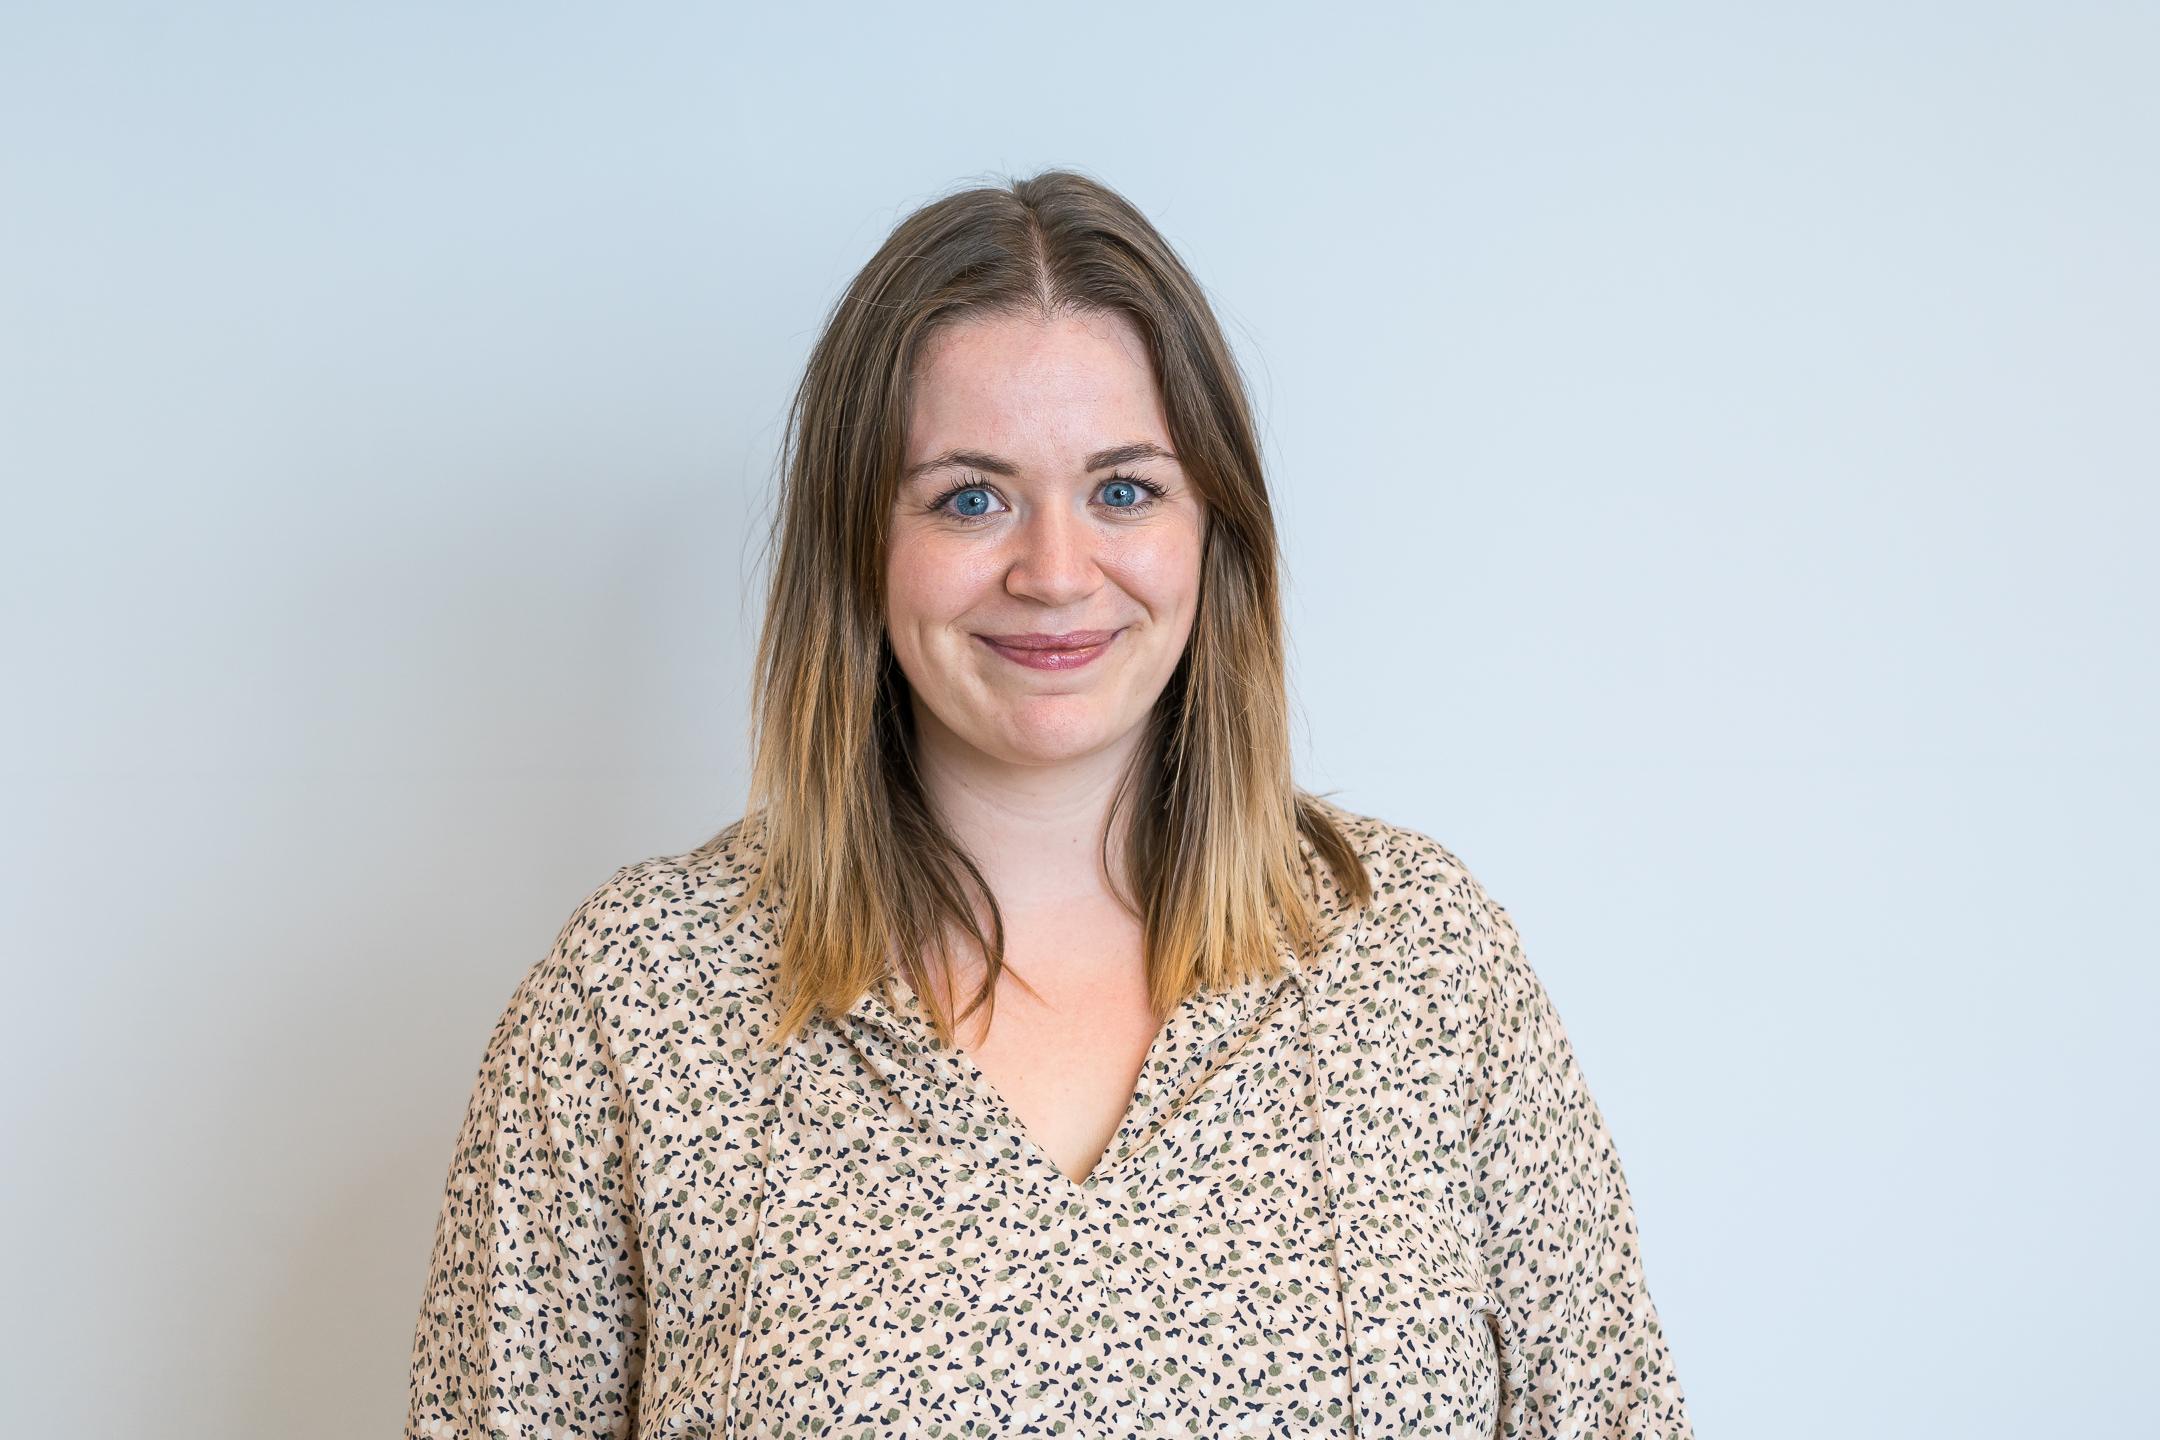 Melissa Van Akendoven